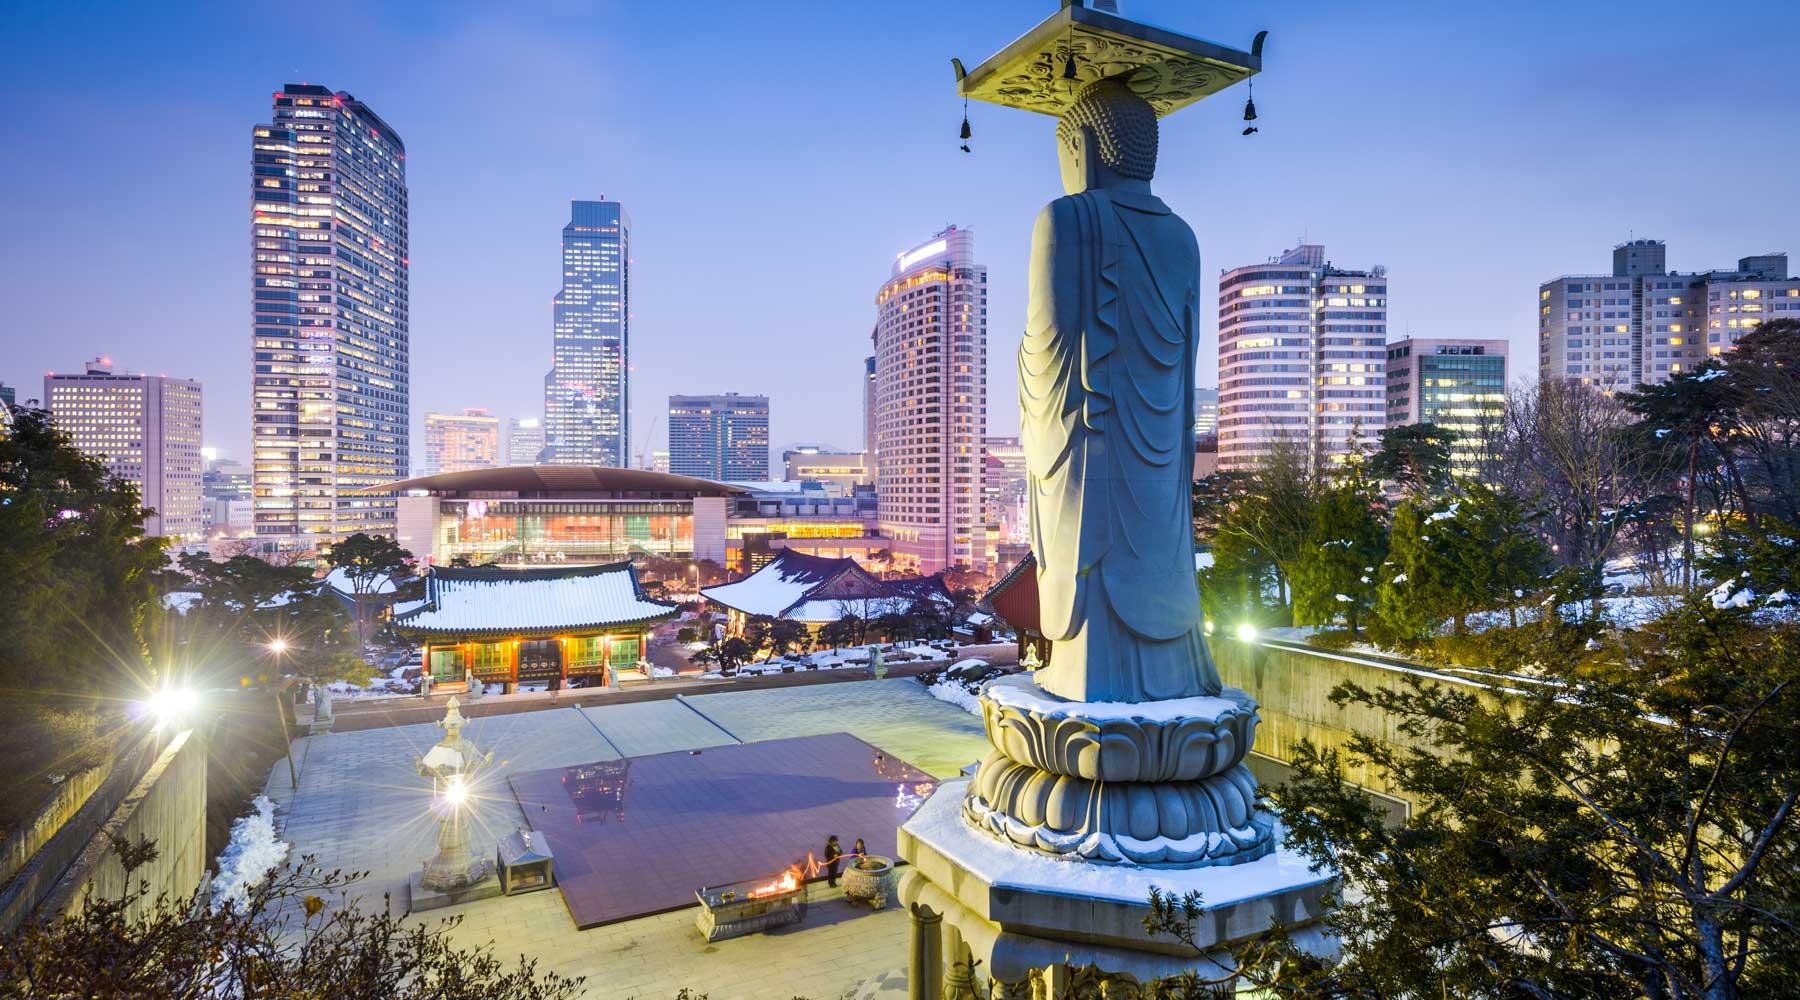 كوريا الجنوبية تُظهر محاولات جديدة لاضعاف أسواق العملة الرقمية